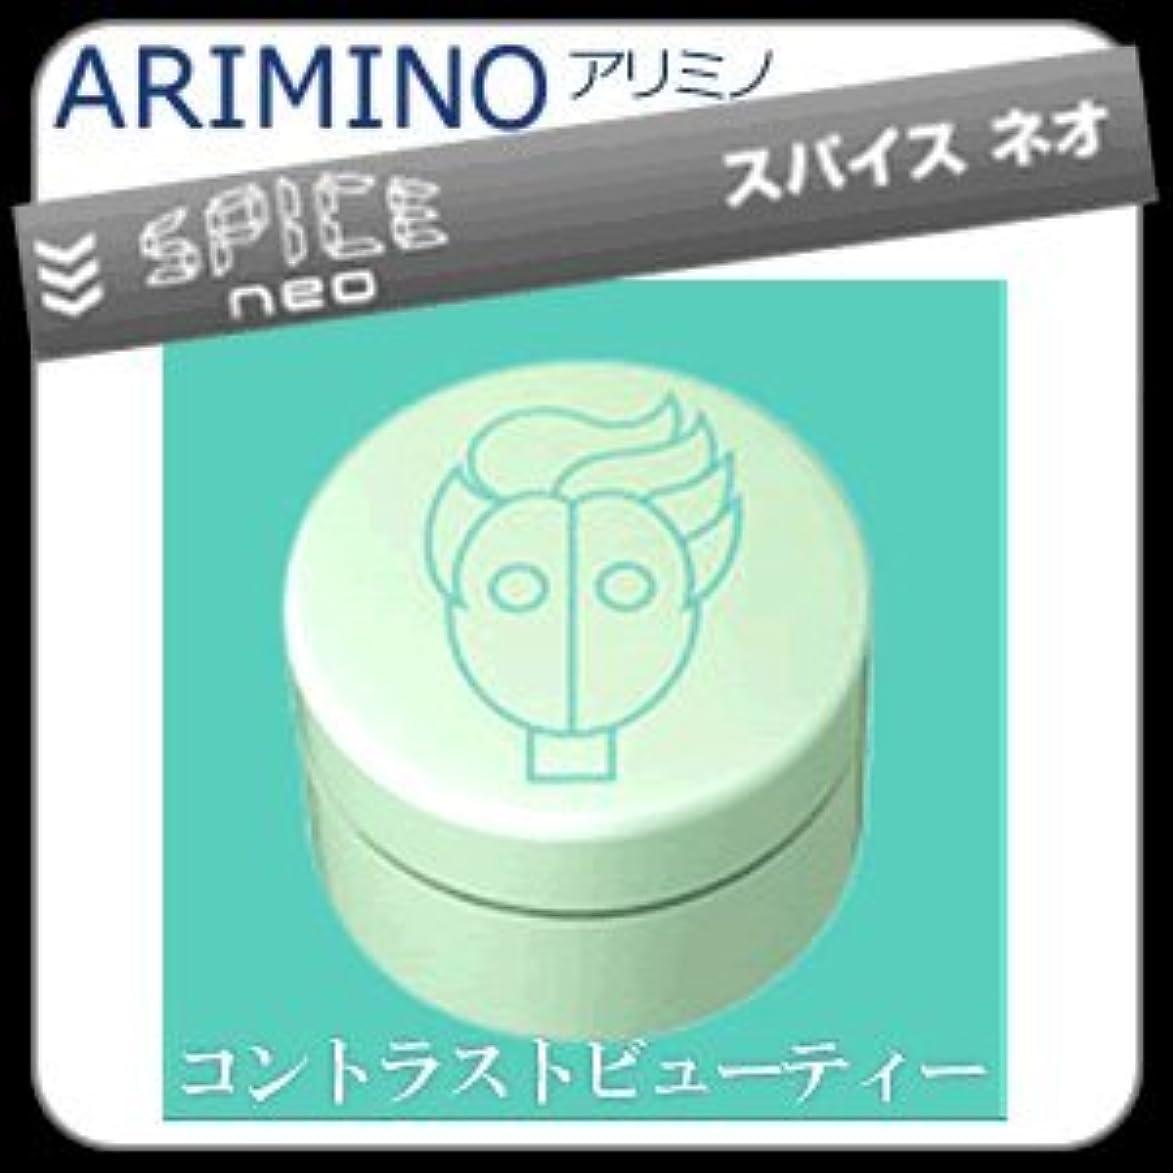 テメリティ腹部内陸【X5個セット】 アリミノ スパイスネオ GREASE-WAX グリースワックス 100g ARIMINO SPICE neo